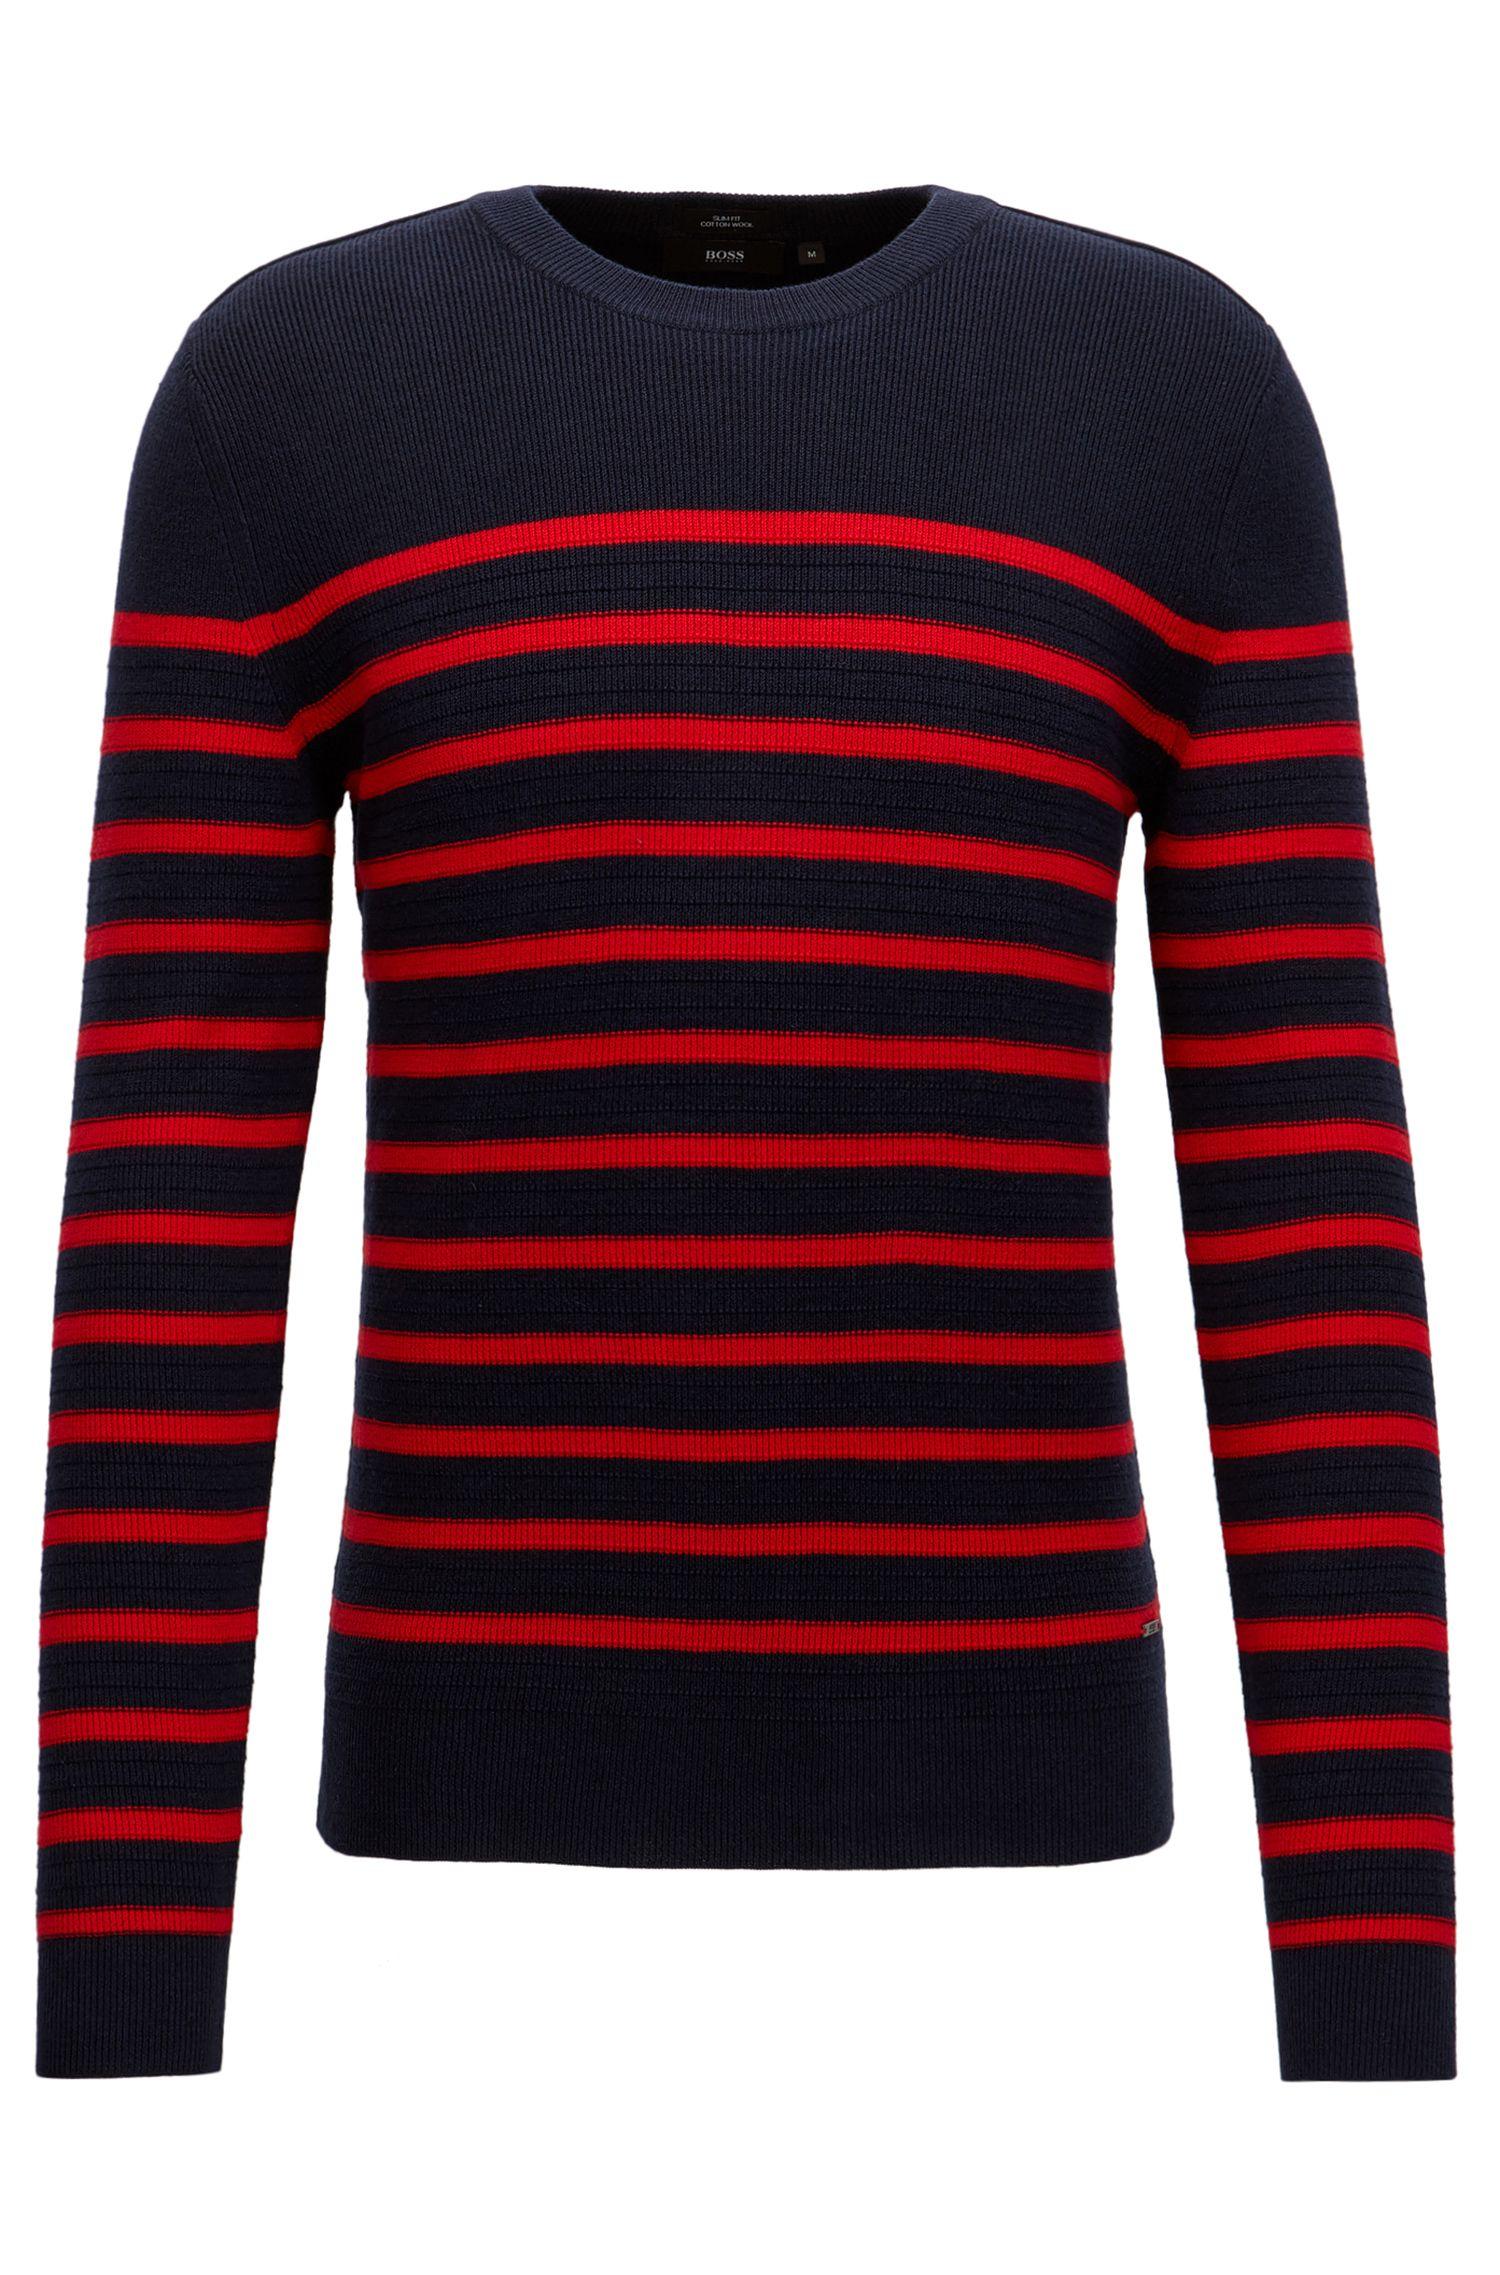 Jersey de rayas de estilo bretón en mezcla de algodón y lana con textura